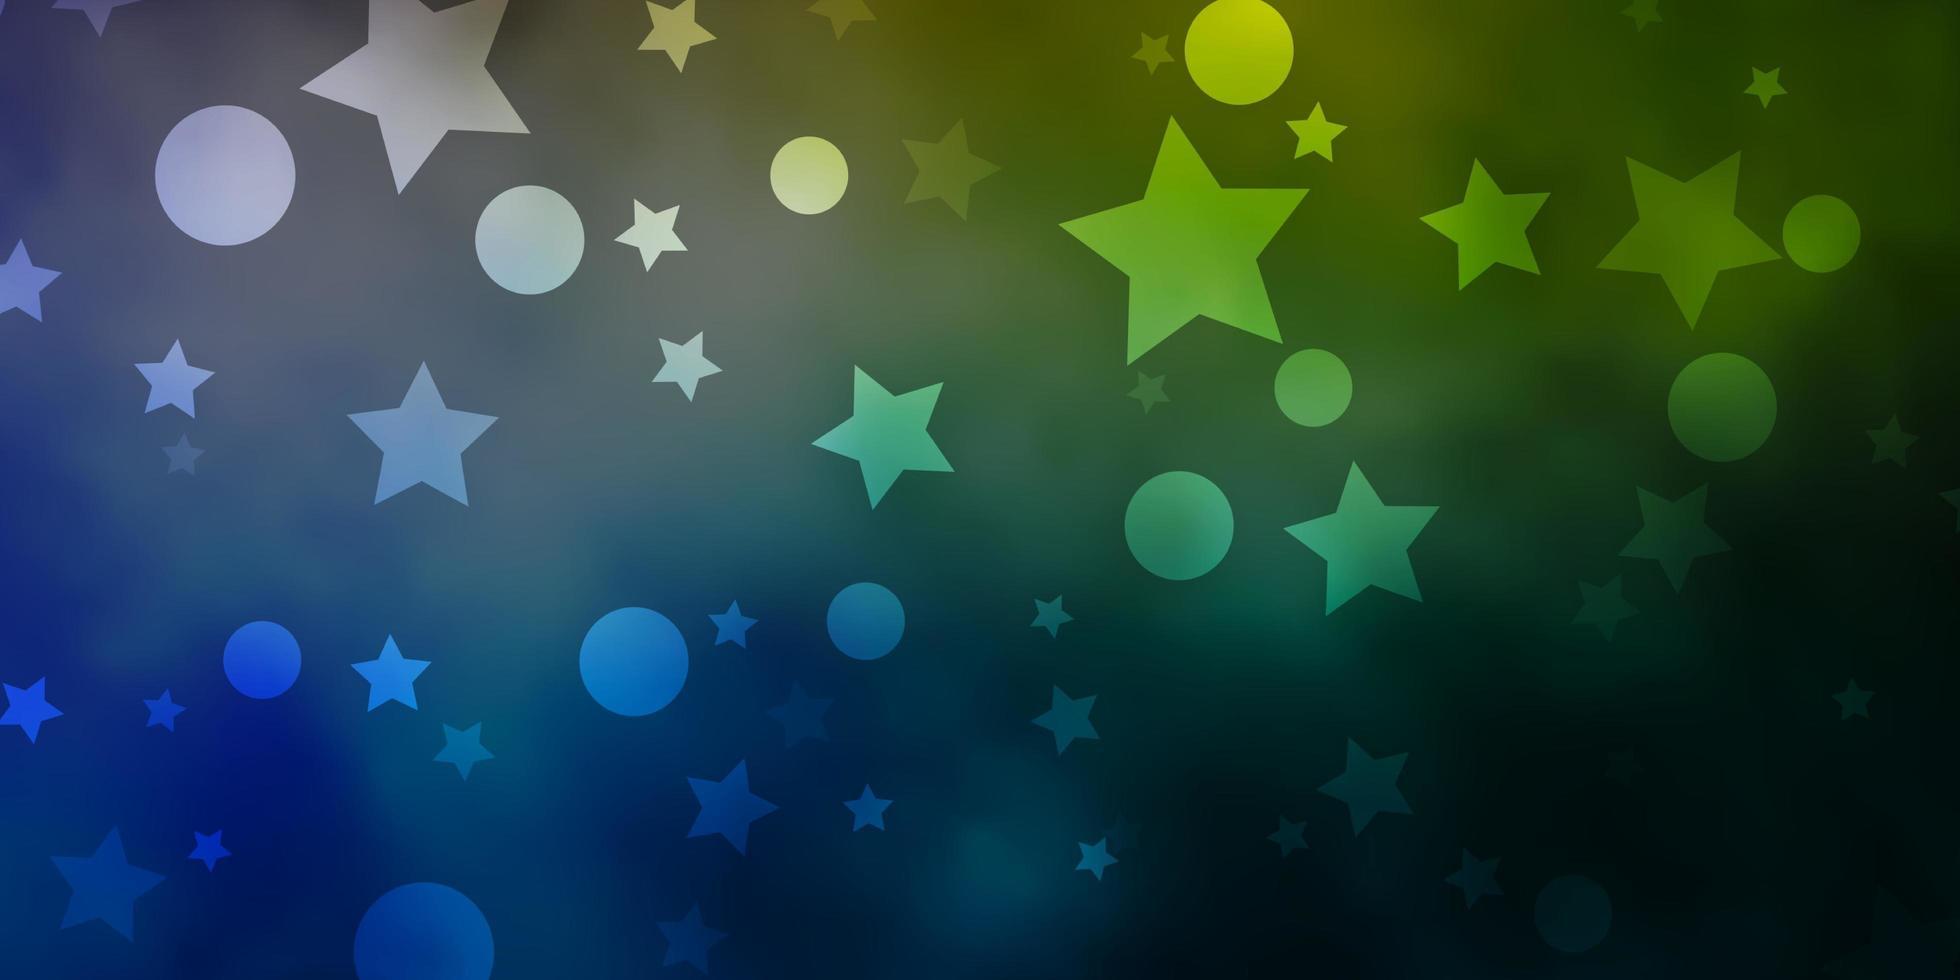 blauwe, groene achtergrond met cirkels, sterren. vector